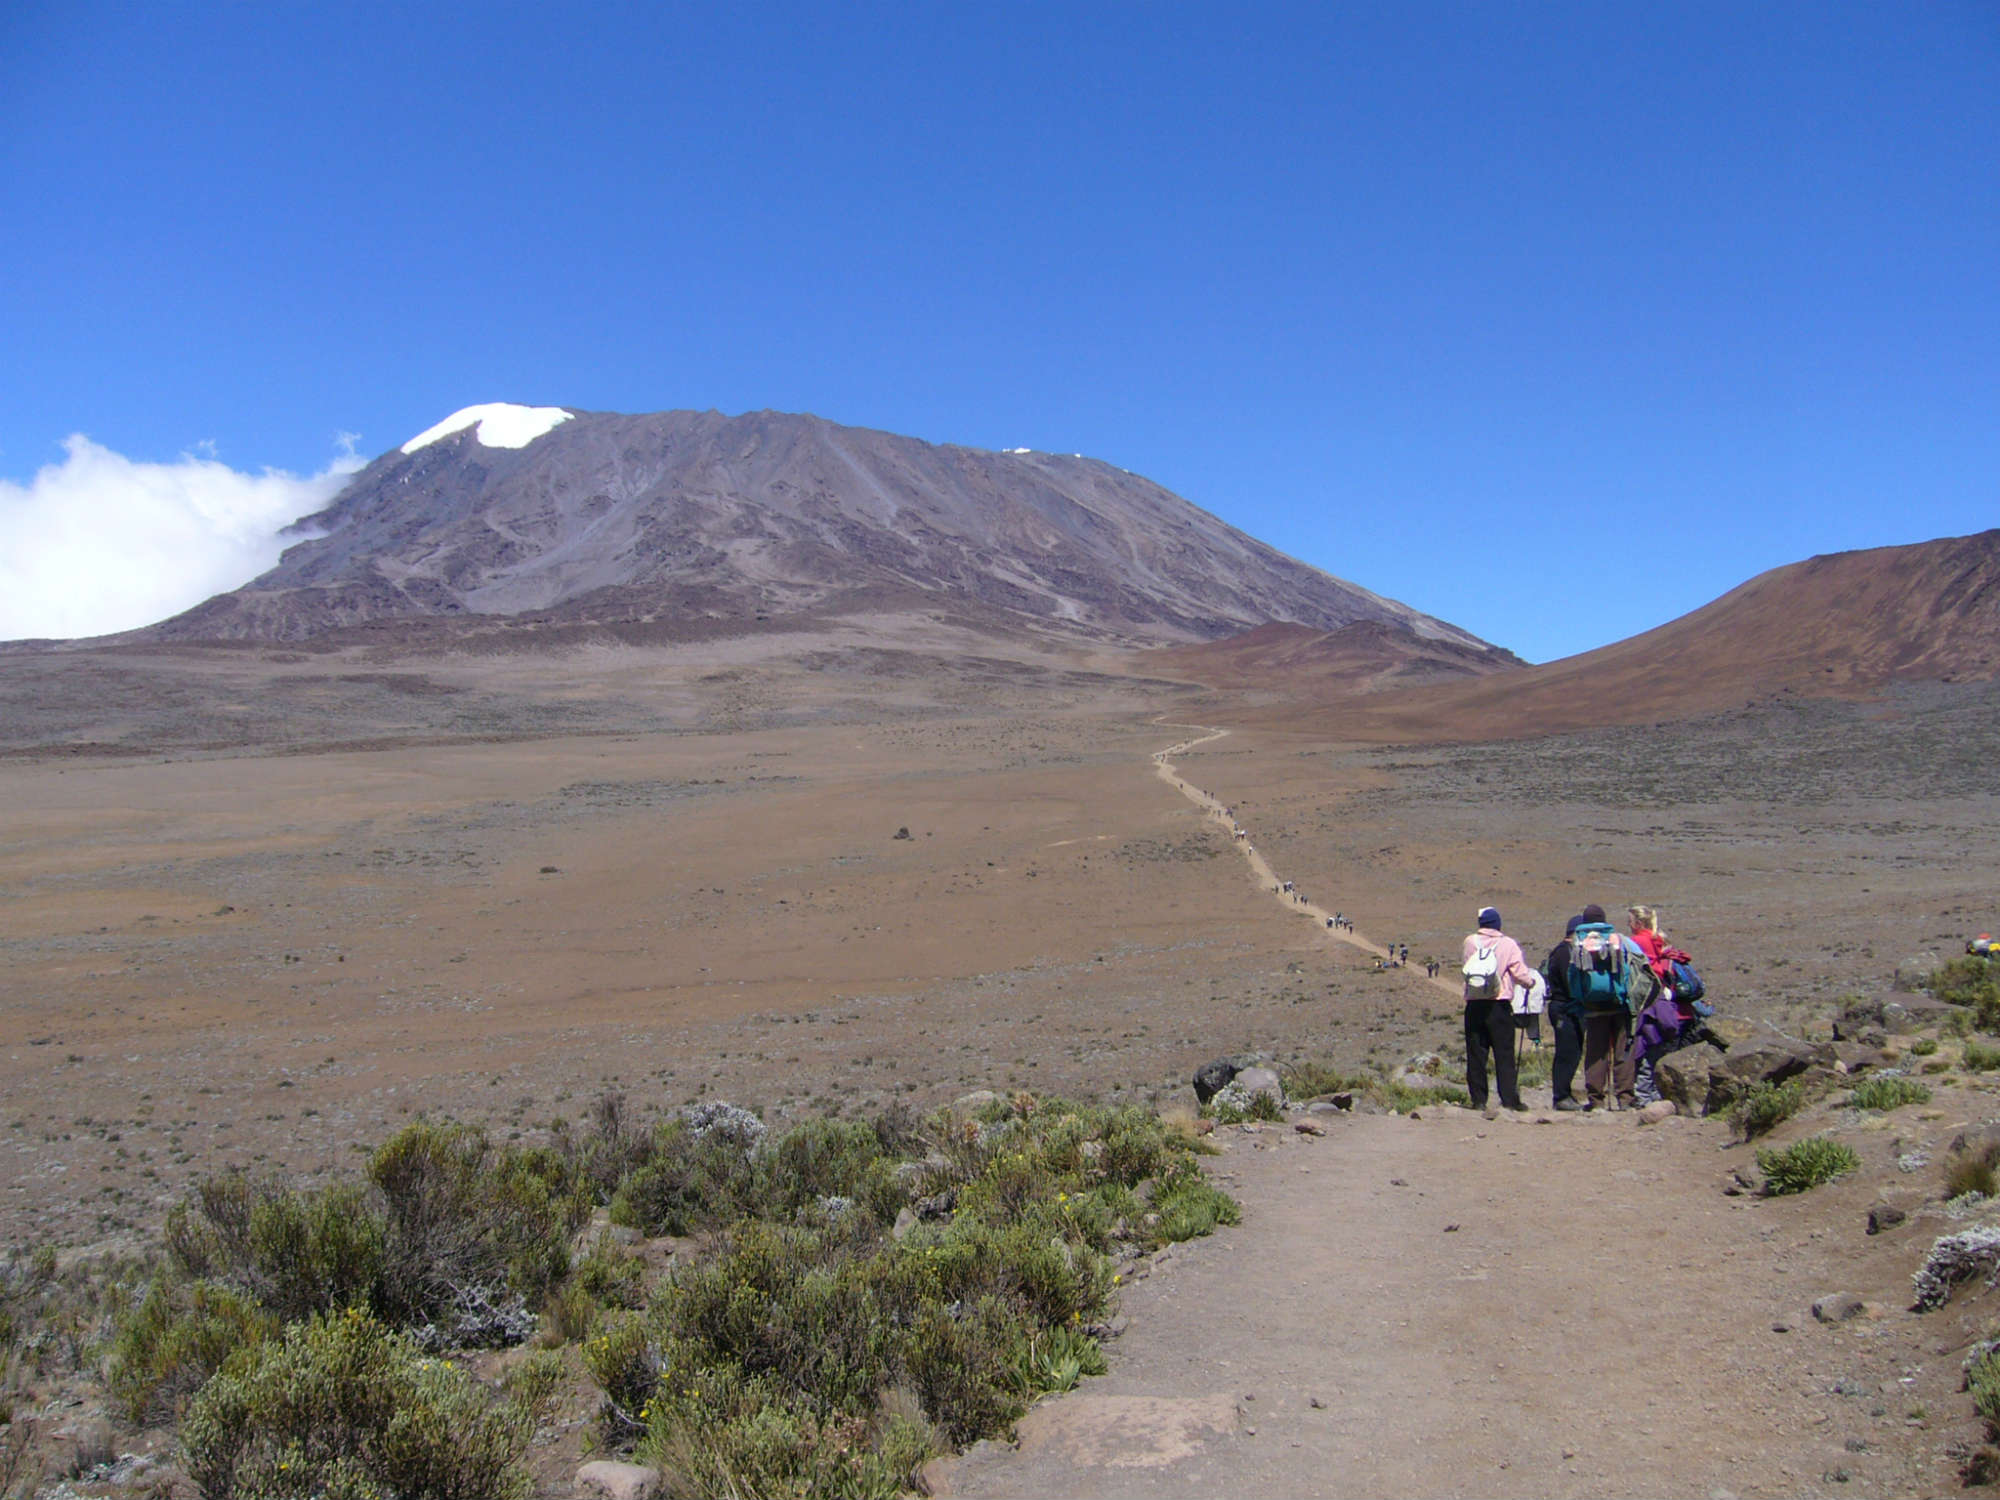 タンザニア/キリマンジャロ(5,895m)登頂マチャメルート12日間